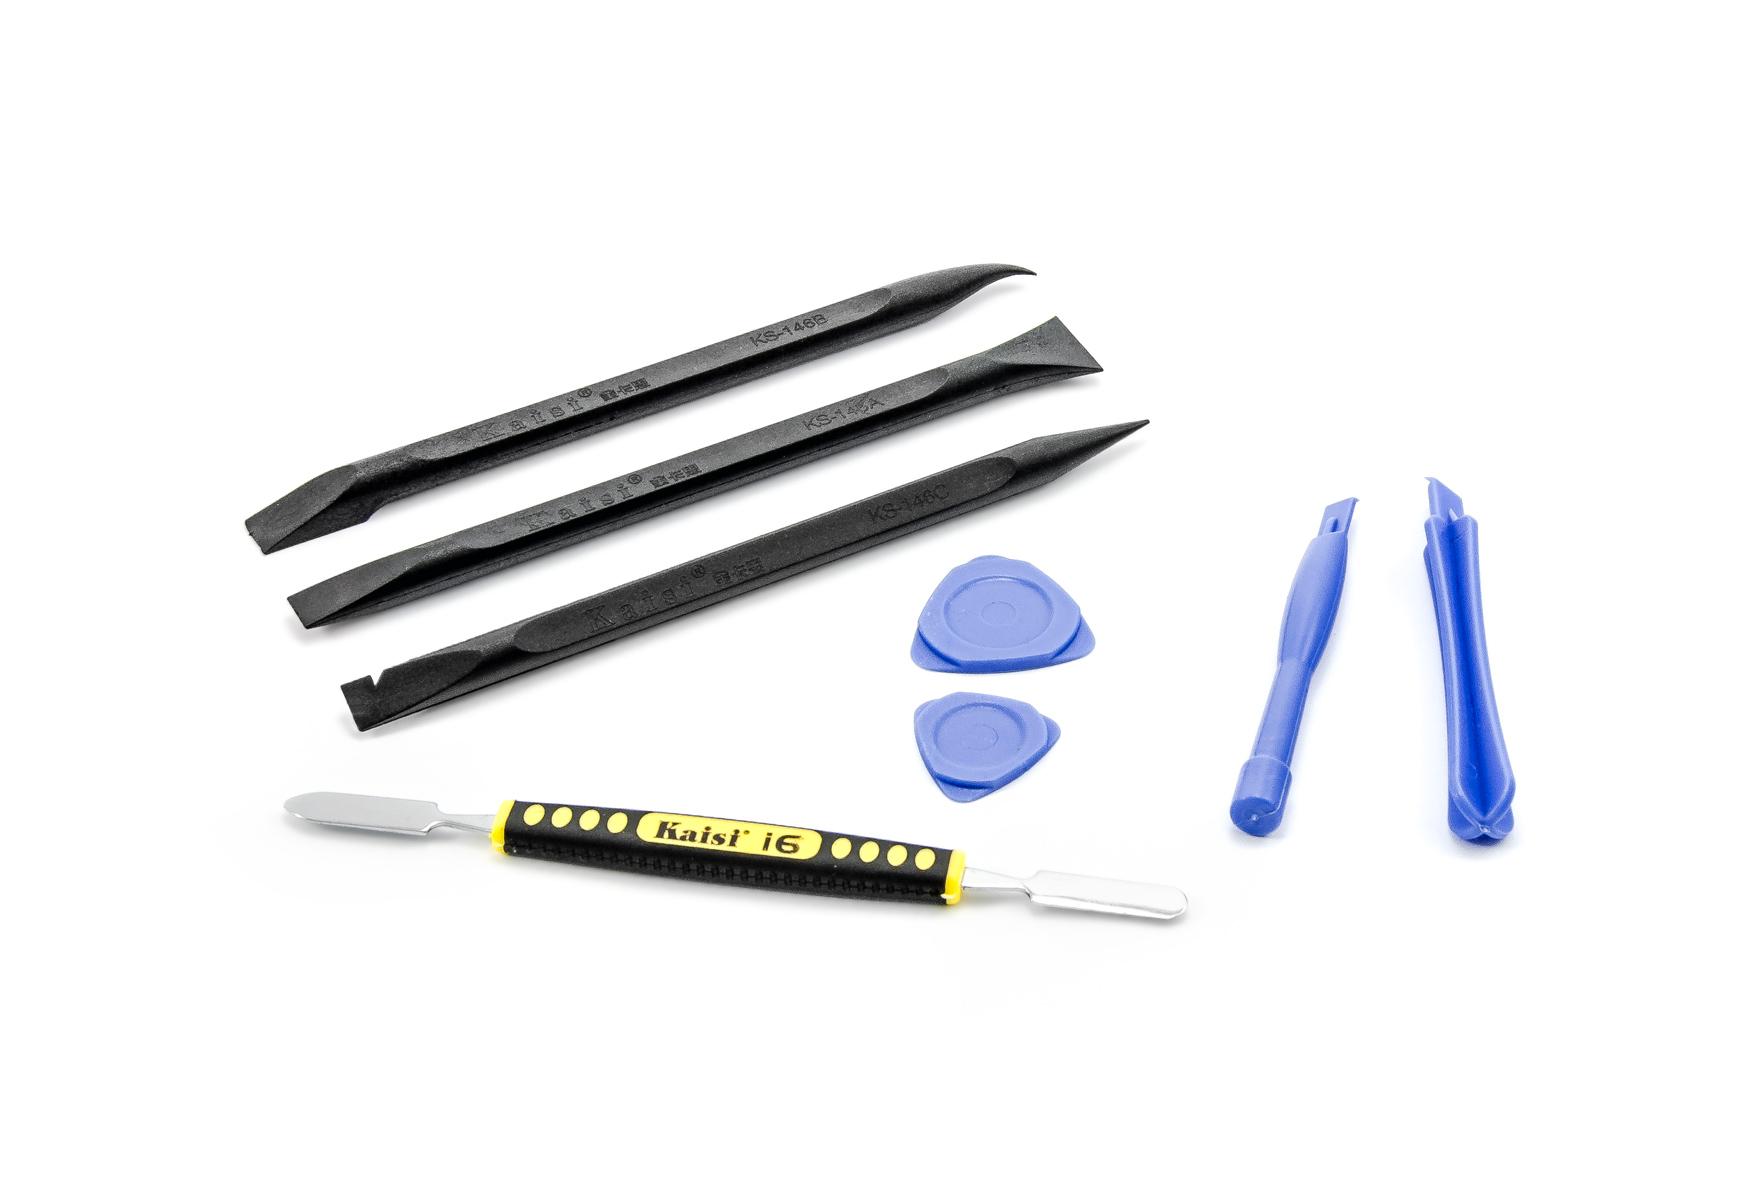 Sada nástrojů pro demontáž a opravu telefonů a tabletů